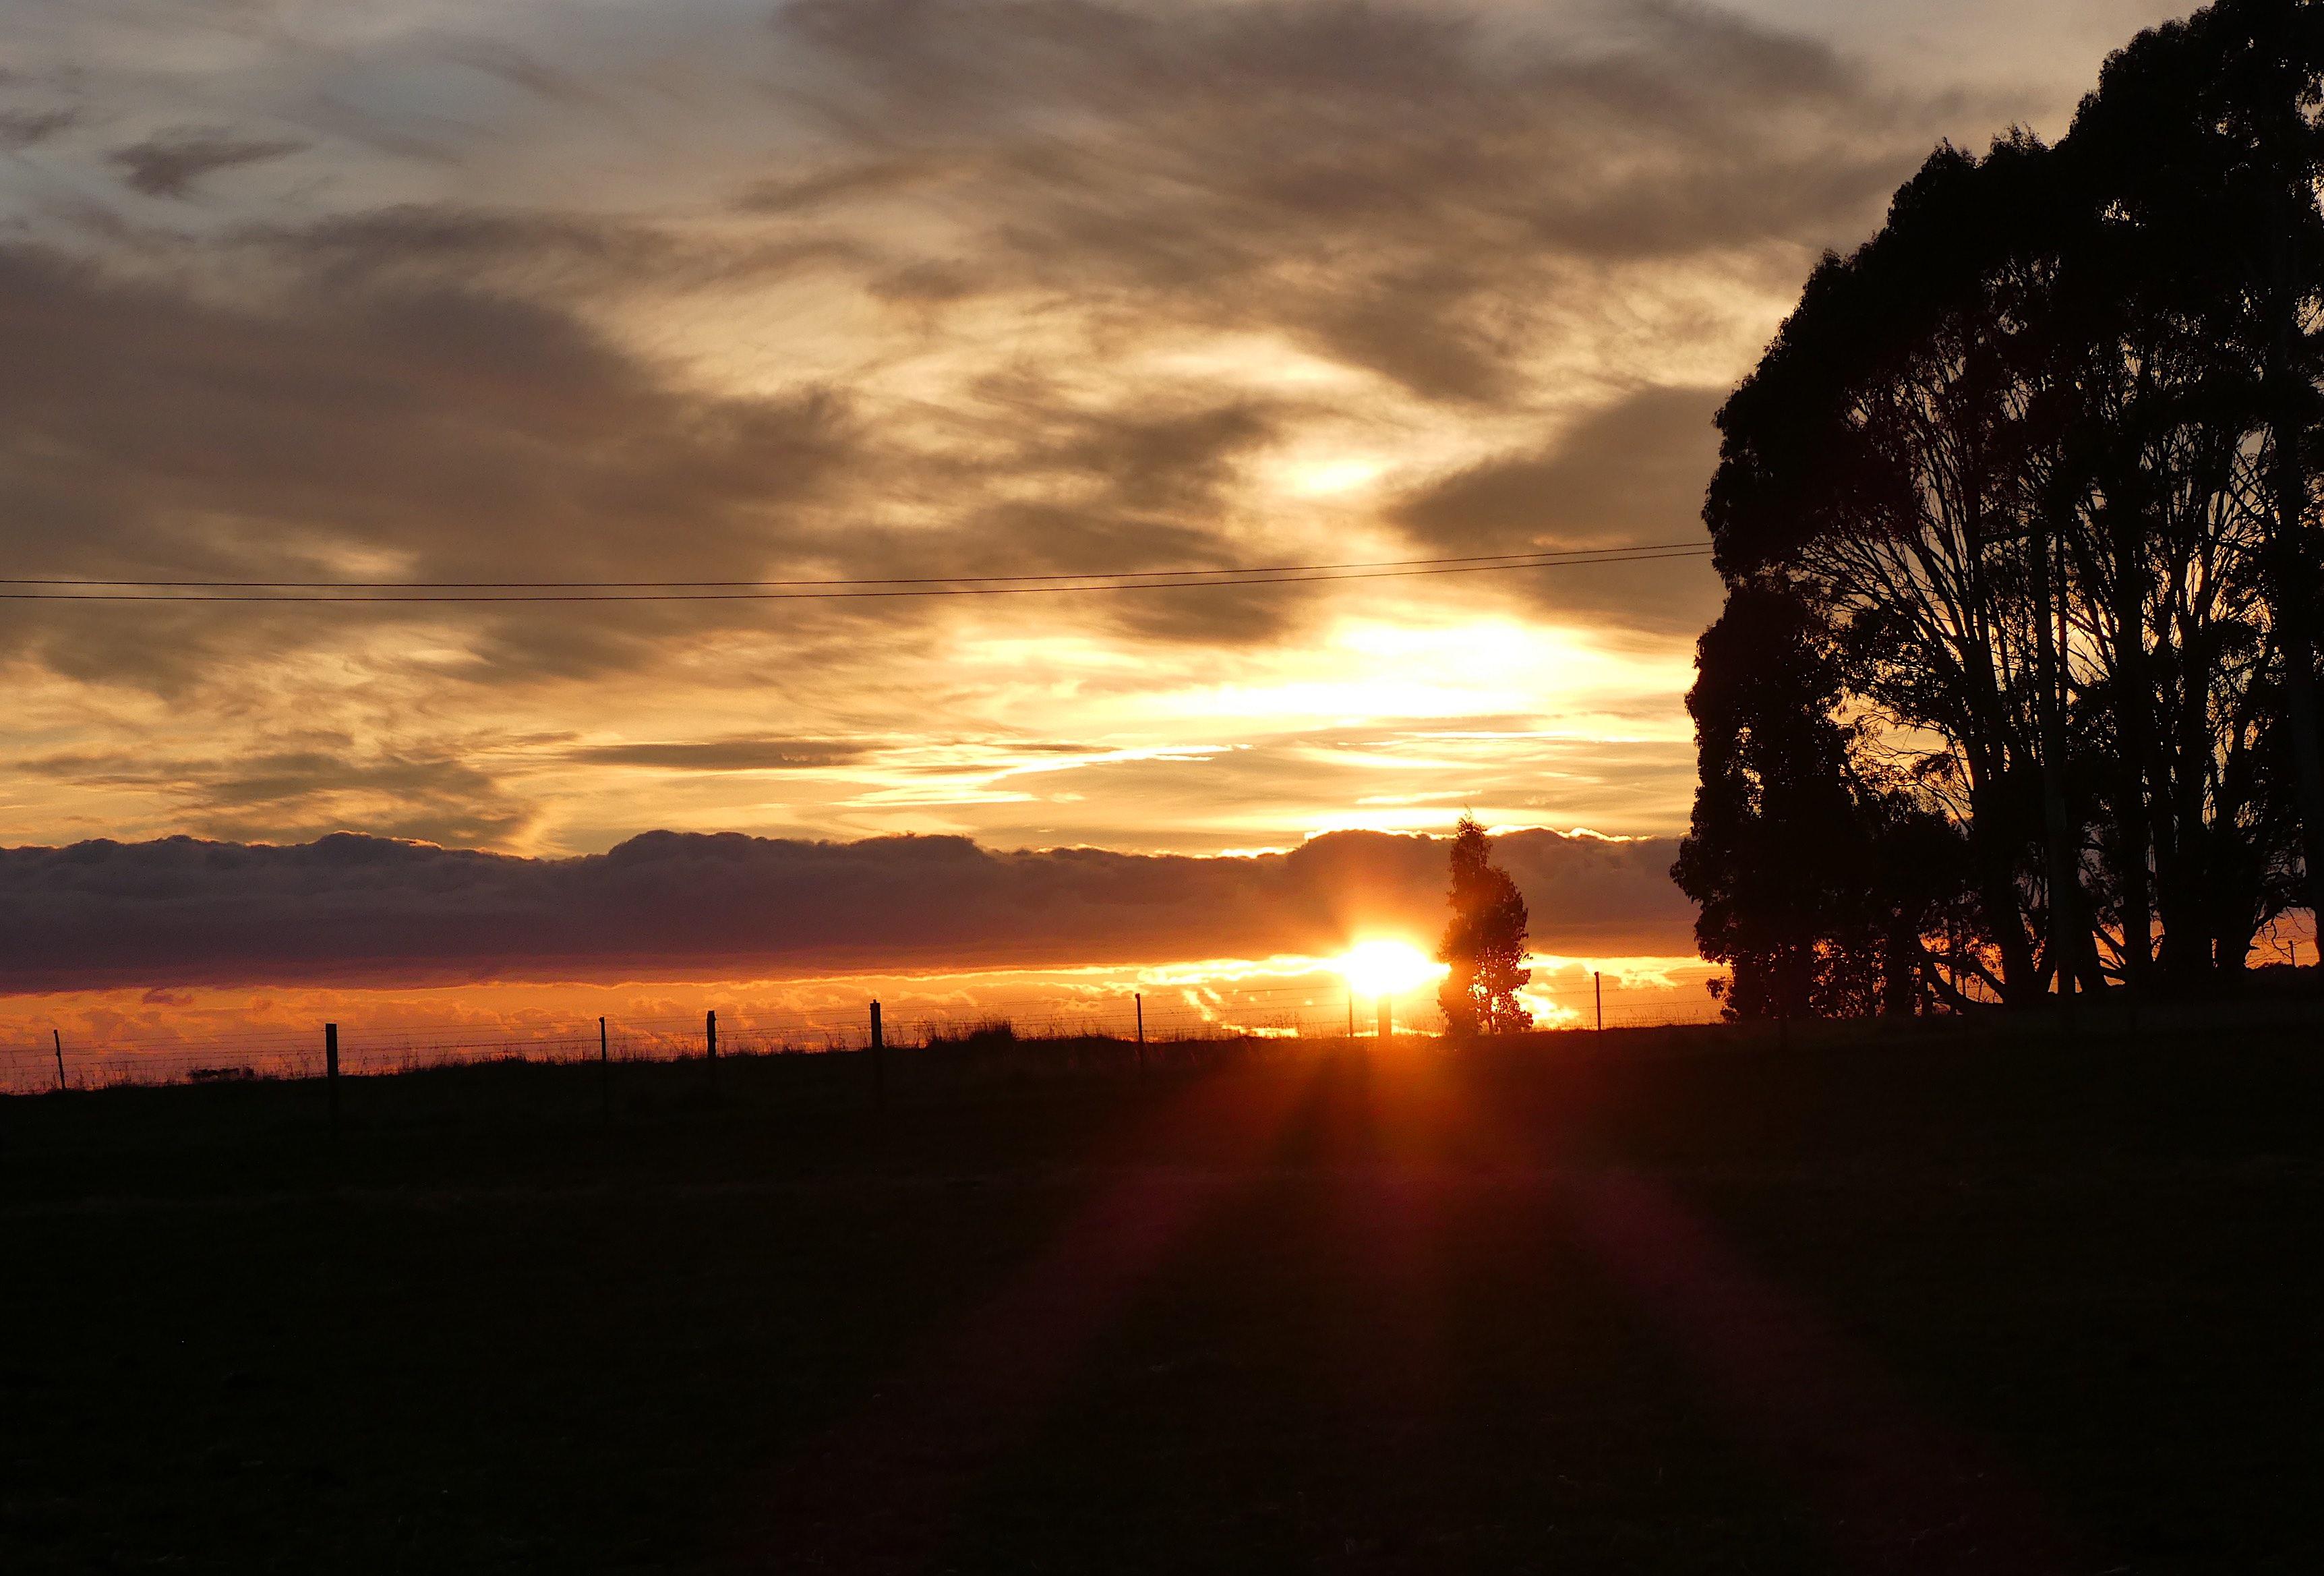 14.sunrise at last